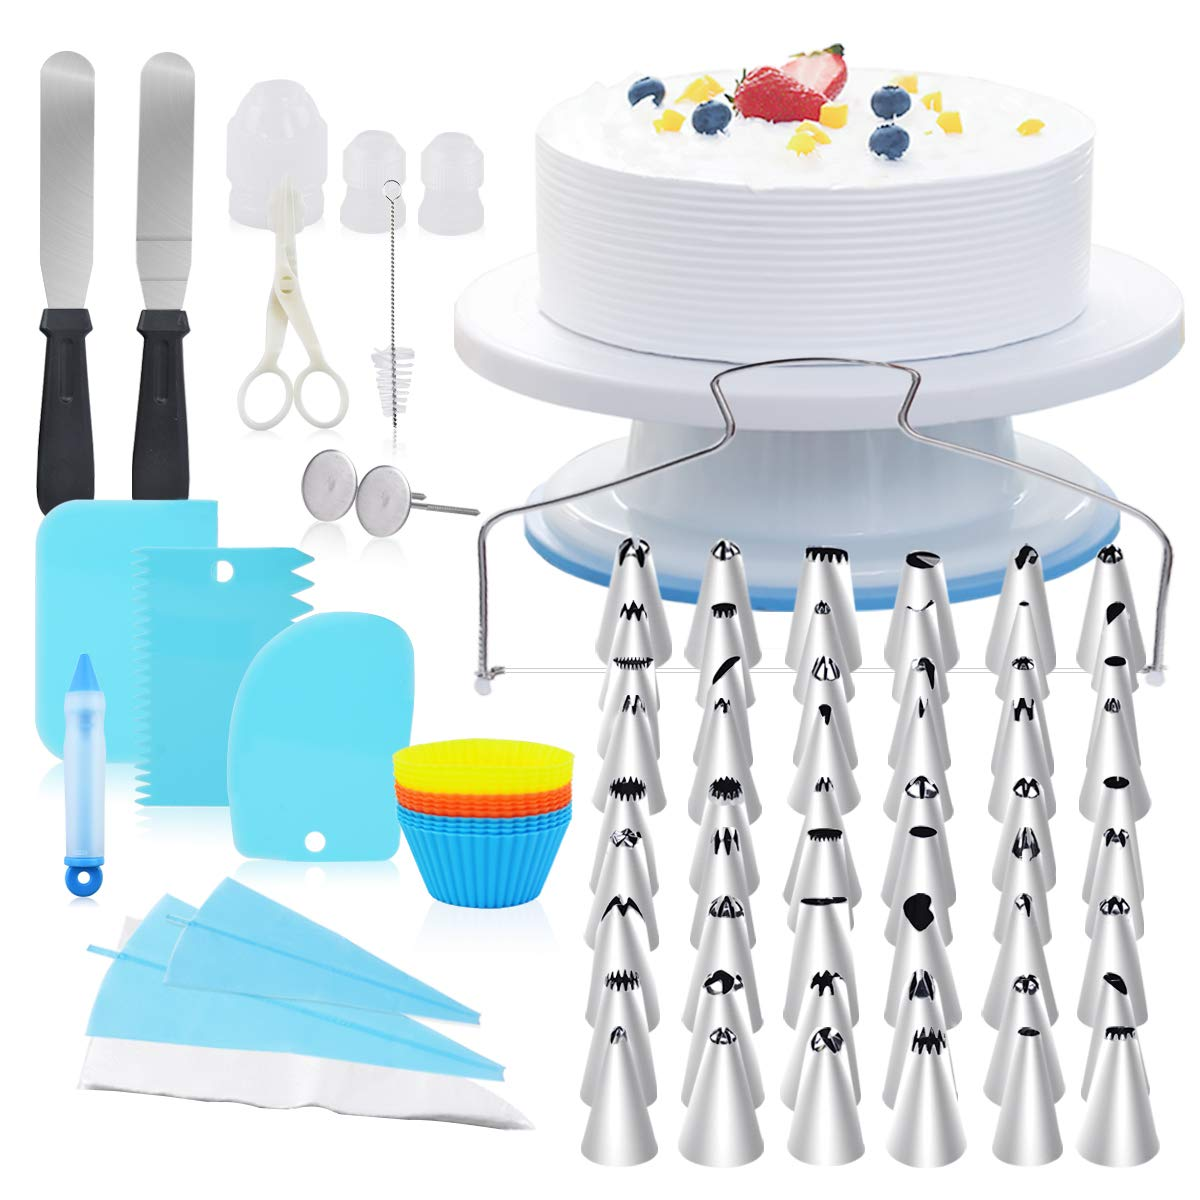 108 pcs Cake Decorating Kit, Piping Tips, Cake Turntable, Cake Turntable Stand,Cake Stand, Cake Leveler, Cupcake Decorating, Piping Bags and DIY Cake Decorating Tips, Bakeware Utensil